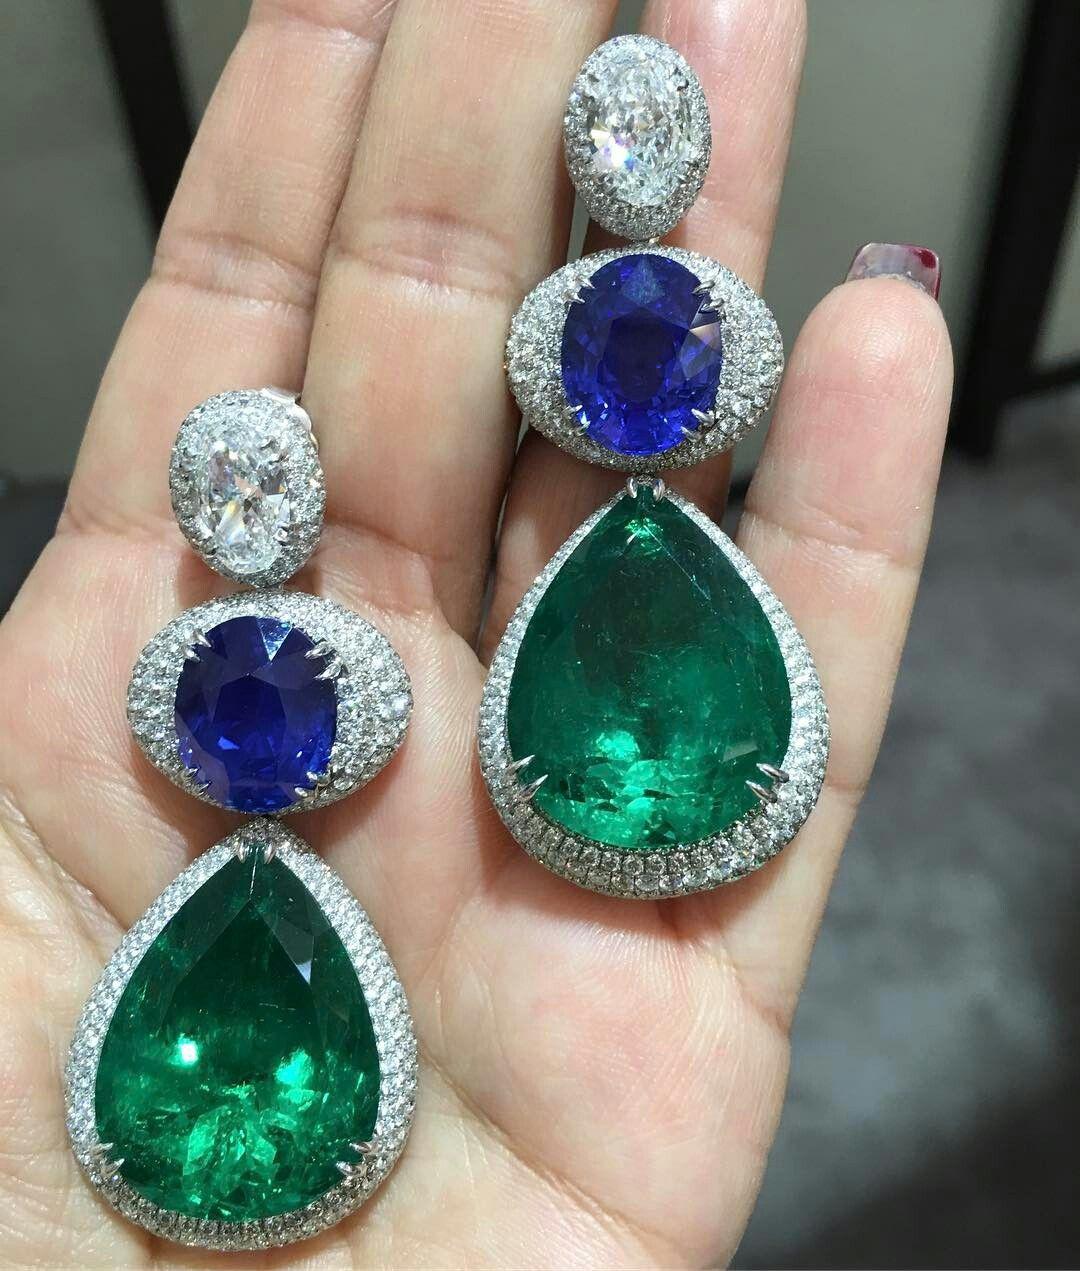 Dare to be bold wear lorraineschwartzharrods fine jewelry